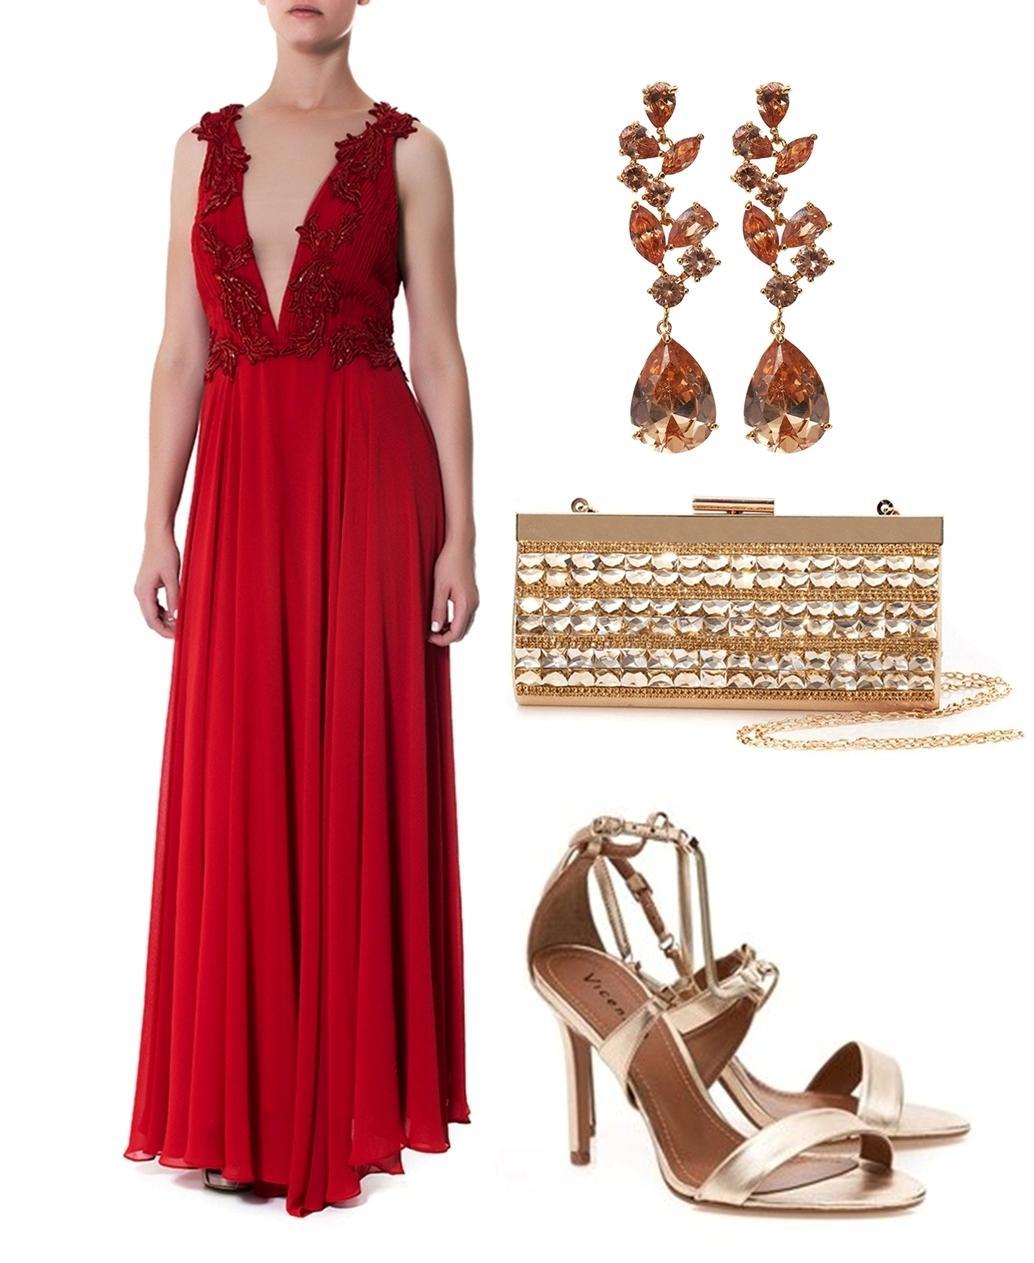 Vestido de festa vermelho - Madrinhas de casamento